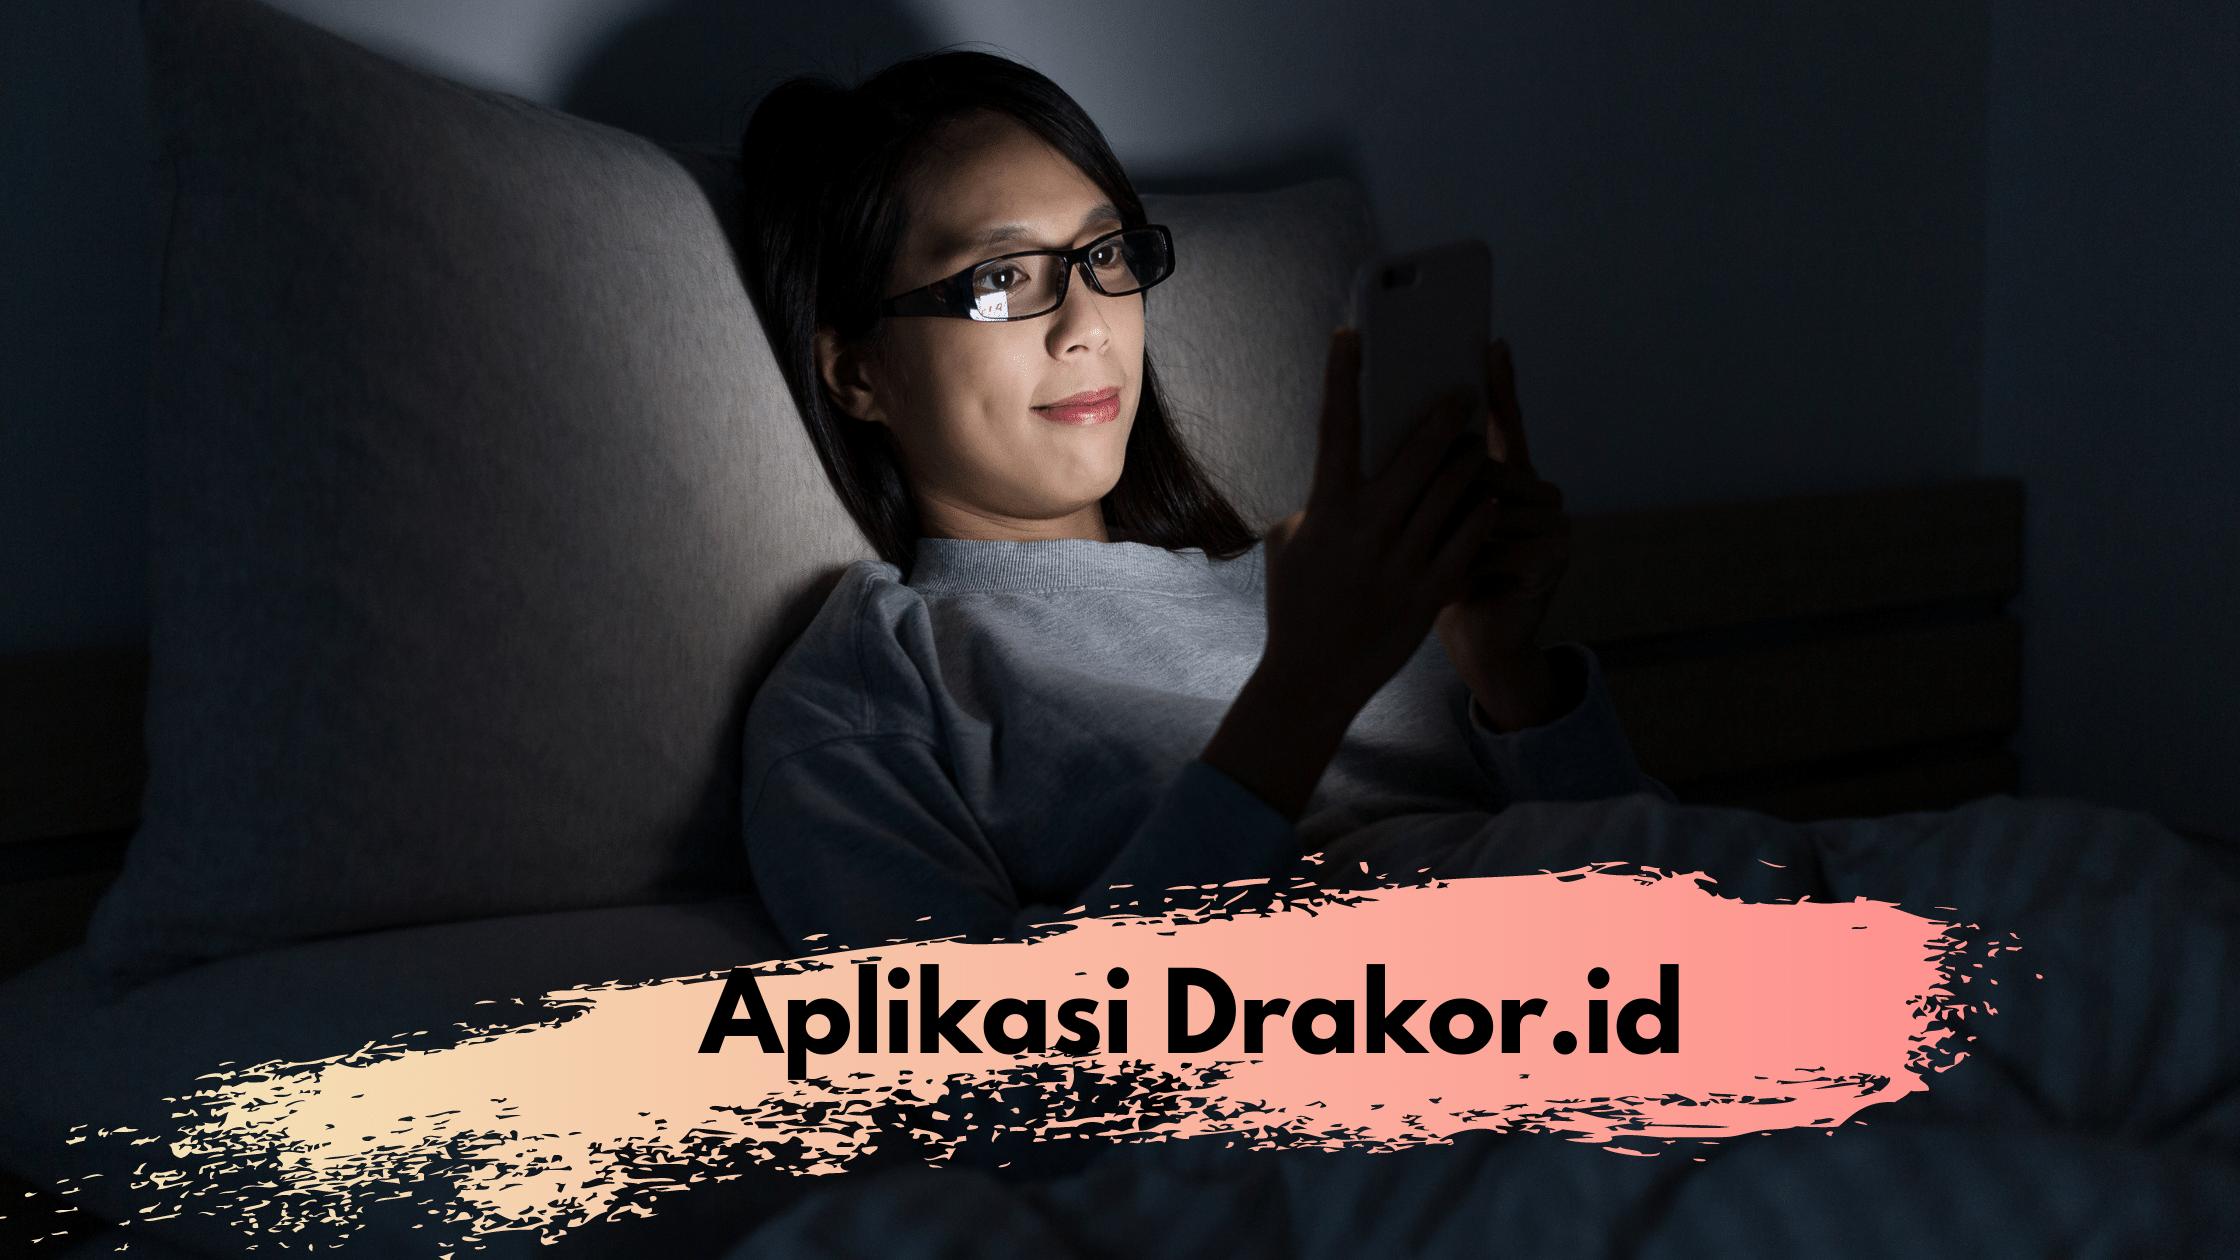 Aplikasi Drakor.id